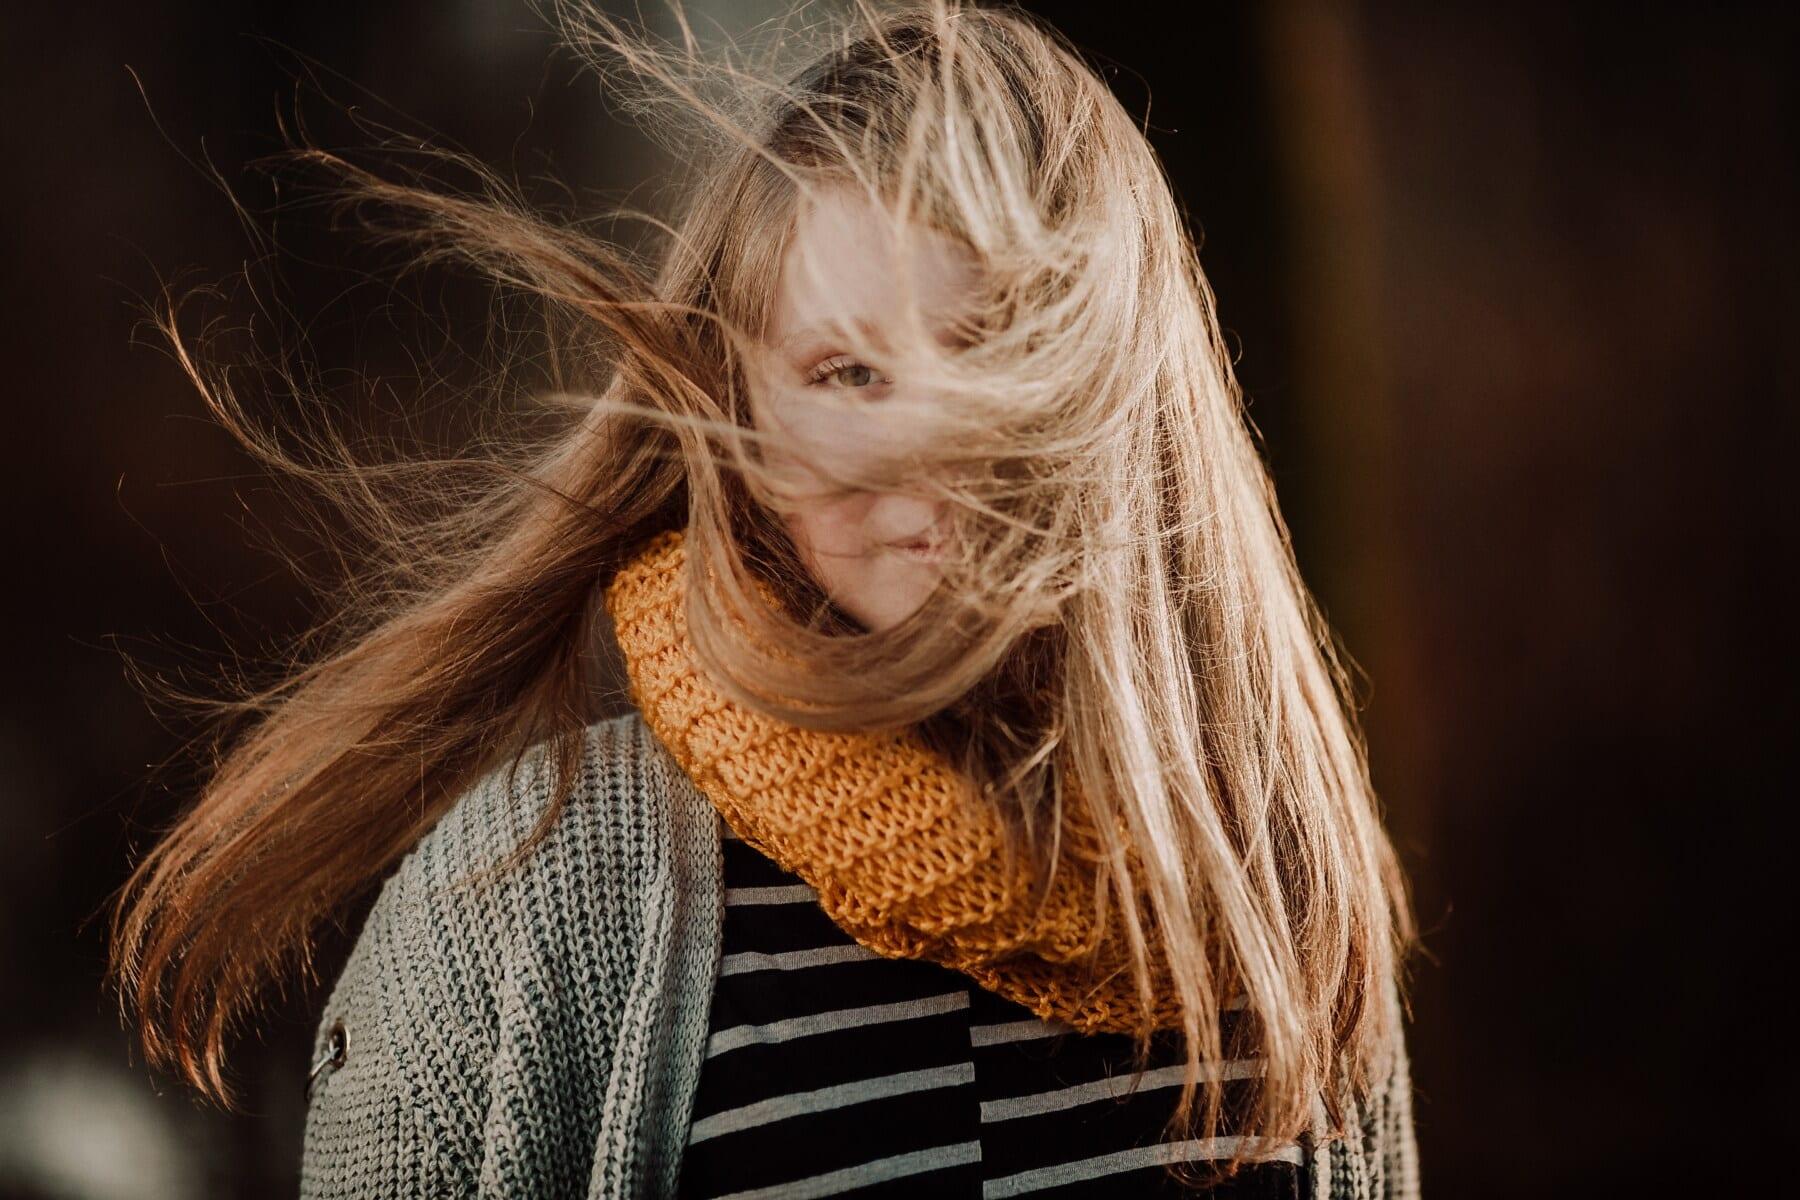 감기, 십 대, 머리, 바람, 날씨, 스웨터, 세로, 금발 머리, 금발, 스카프